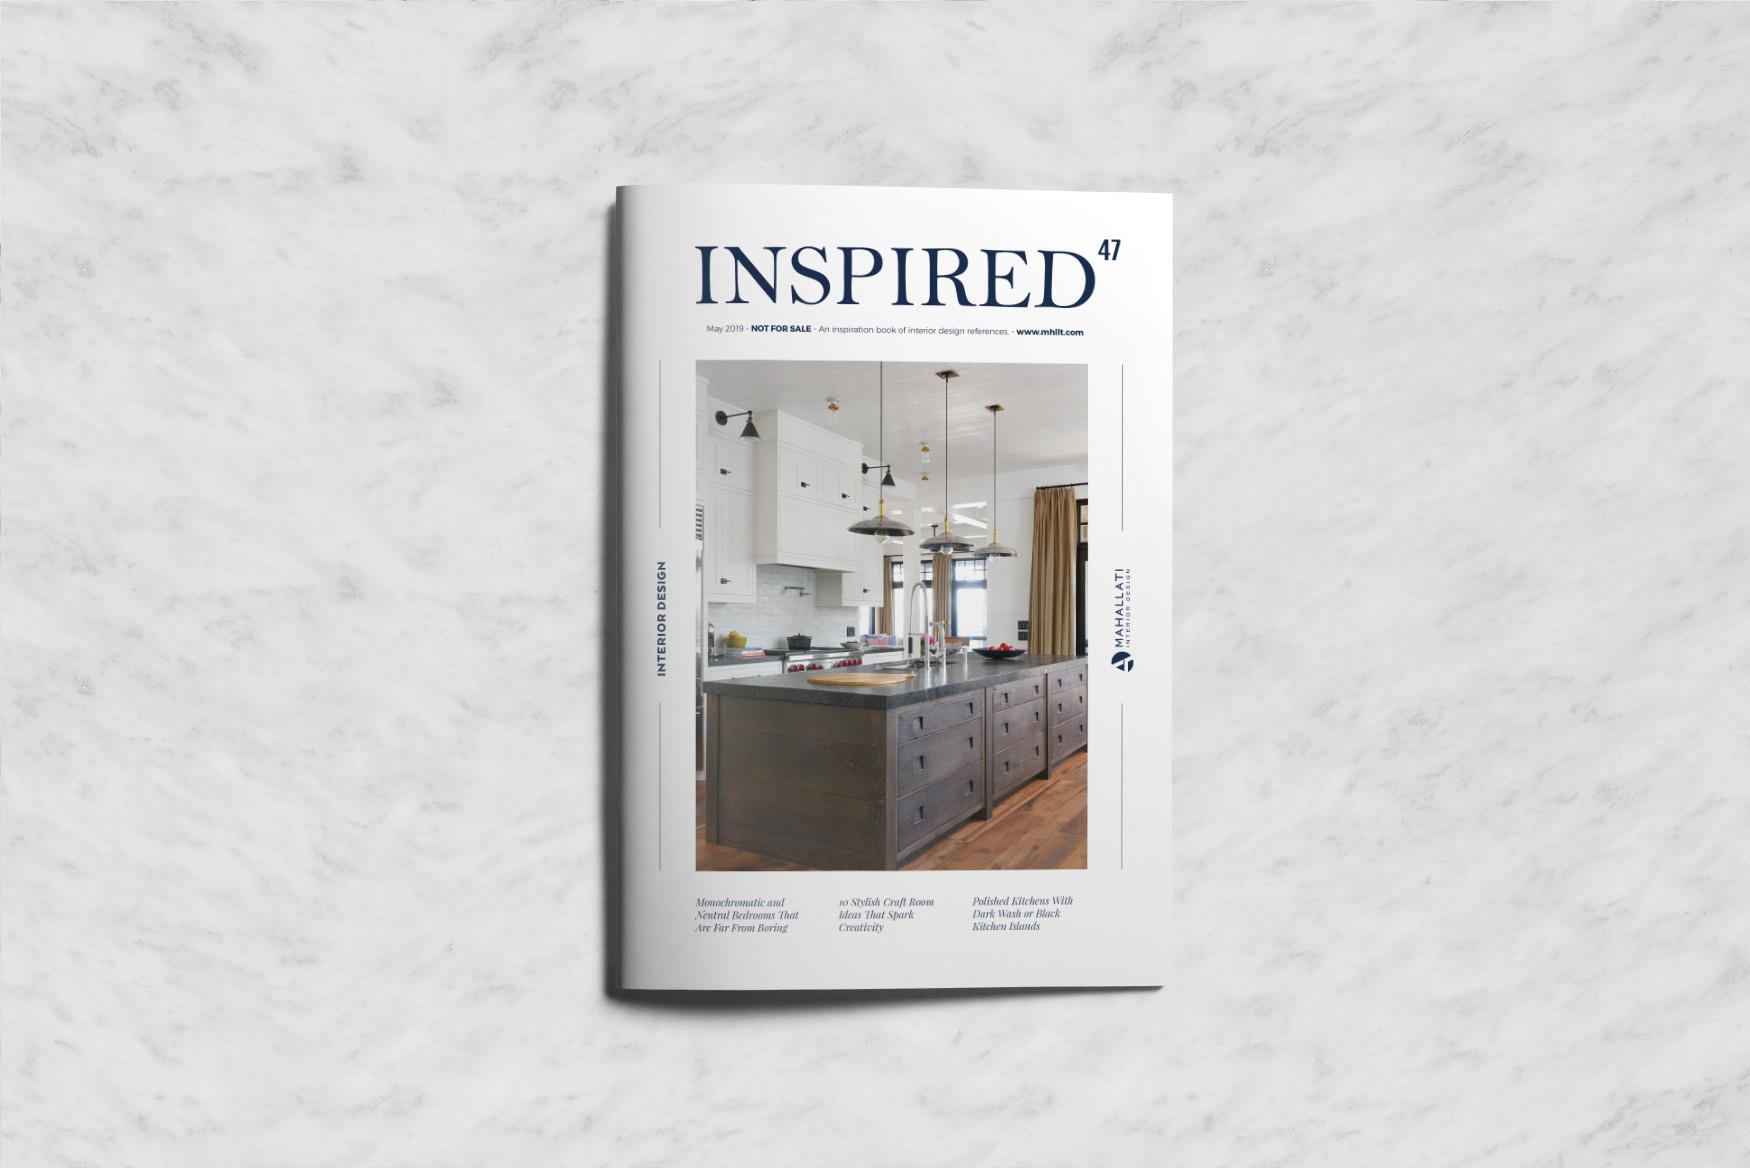 Inspired Vol 47 - May 2019